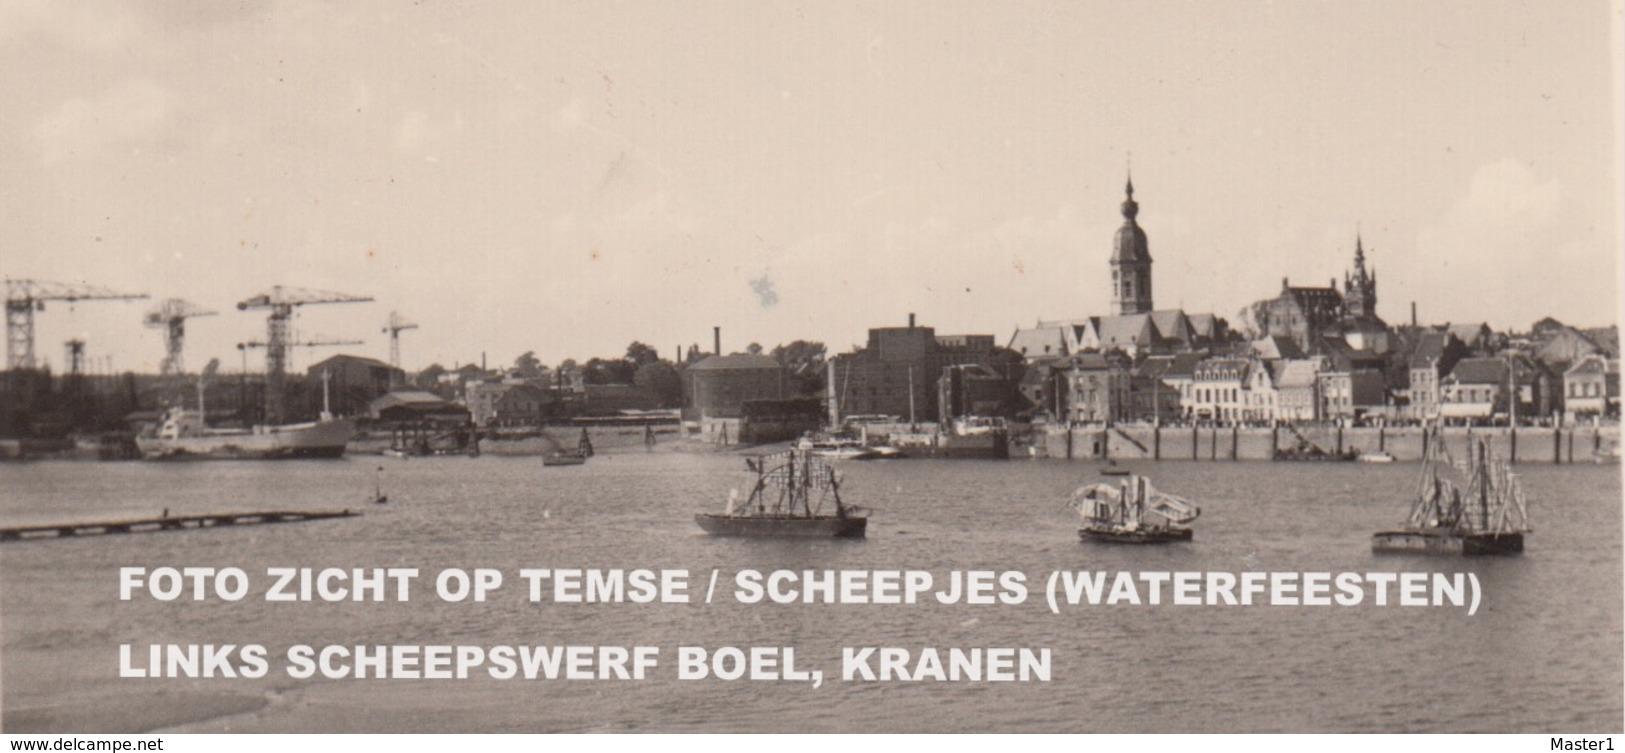 FOTO ZICHT OP TEMSE / JAREN 50 / SCHEEPJES (WATERFEESTEN) / LINKS SCHEEPSWERF BOEL, KRANEN - Temse